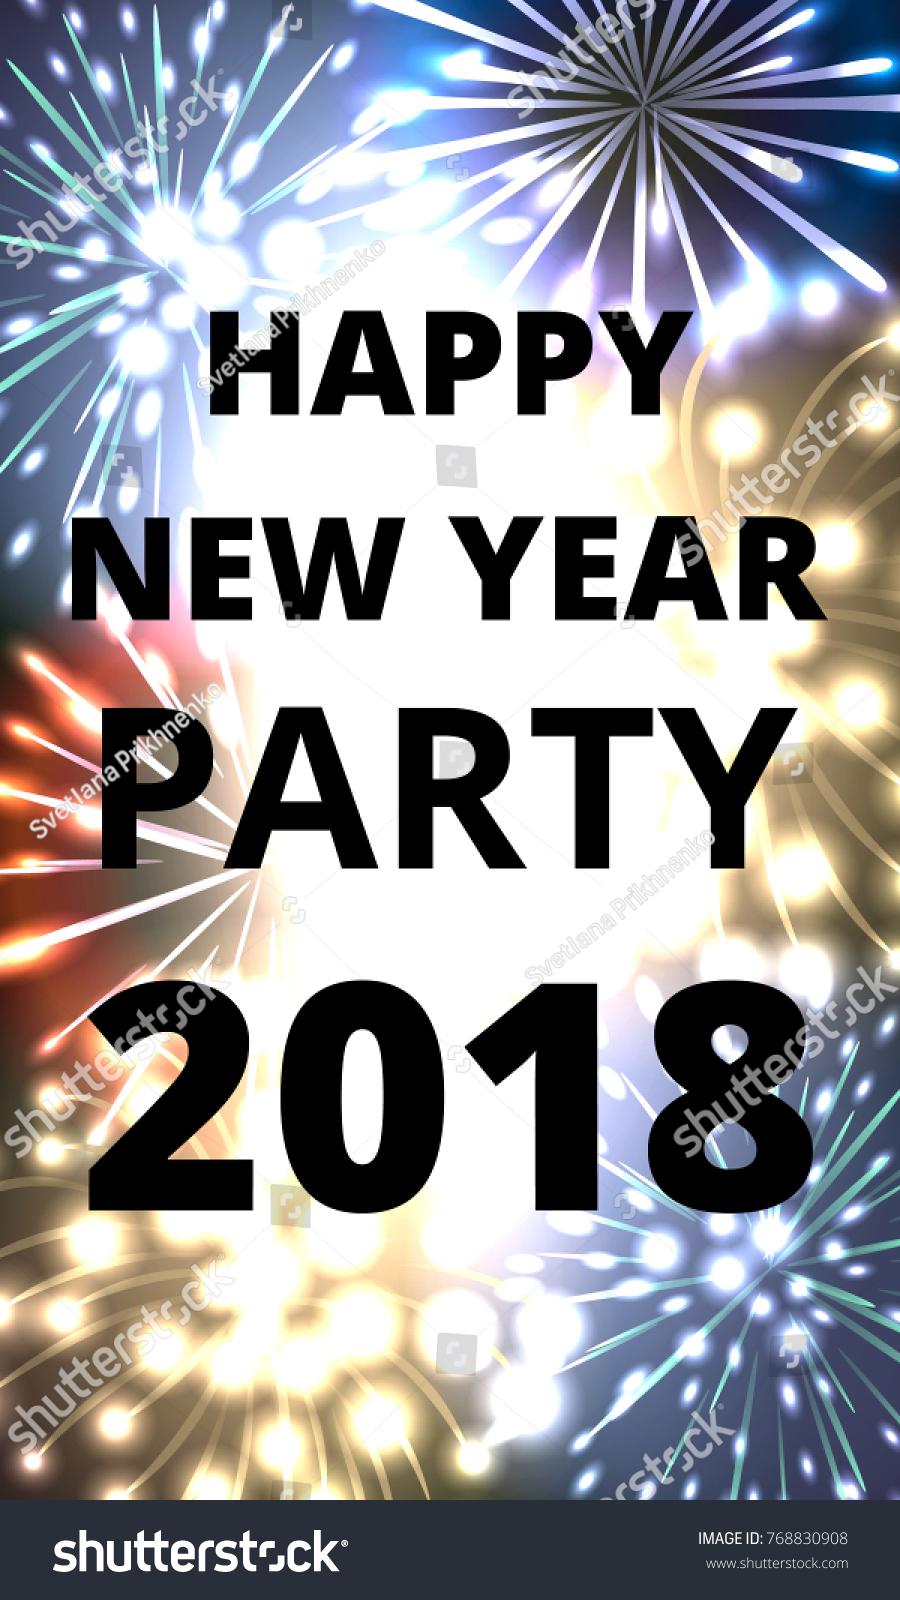 Happy New Year 2018 Invitation New Stock Vector 768830908 ...